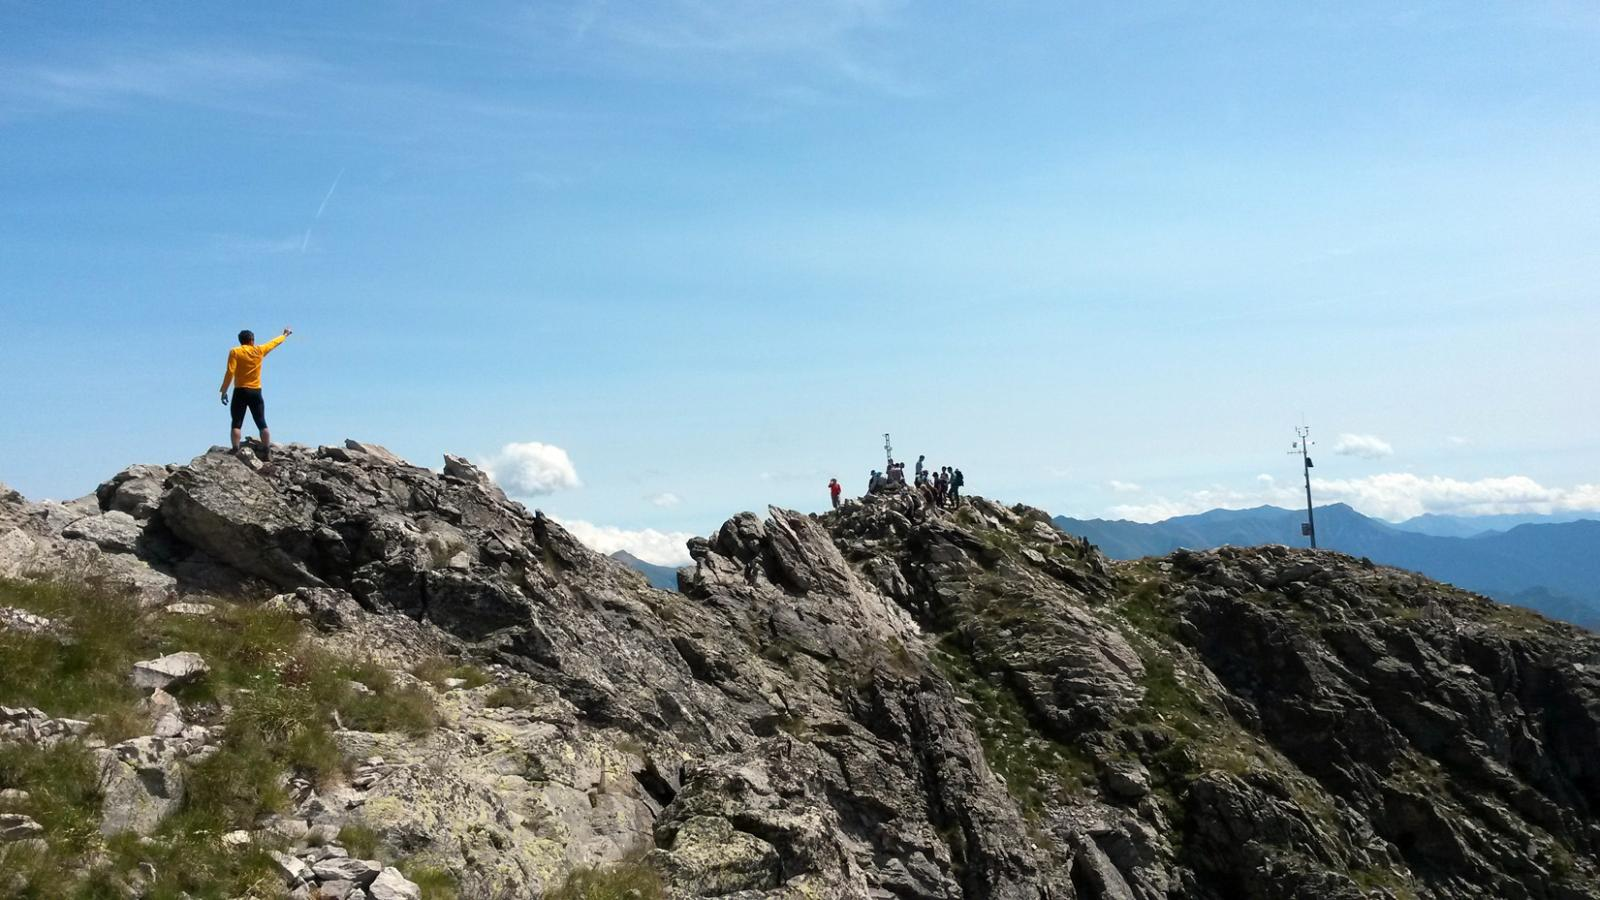 La vetta della Rocca dell'Abisso 2755 m.